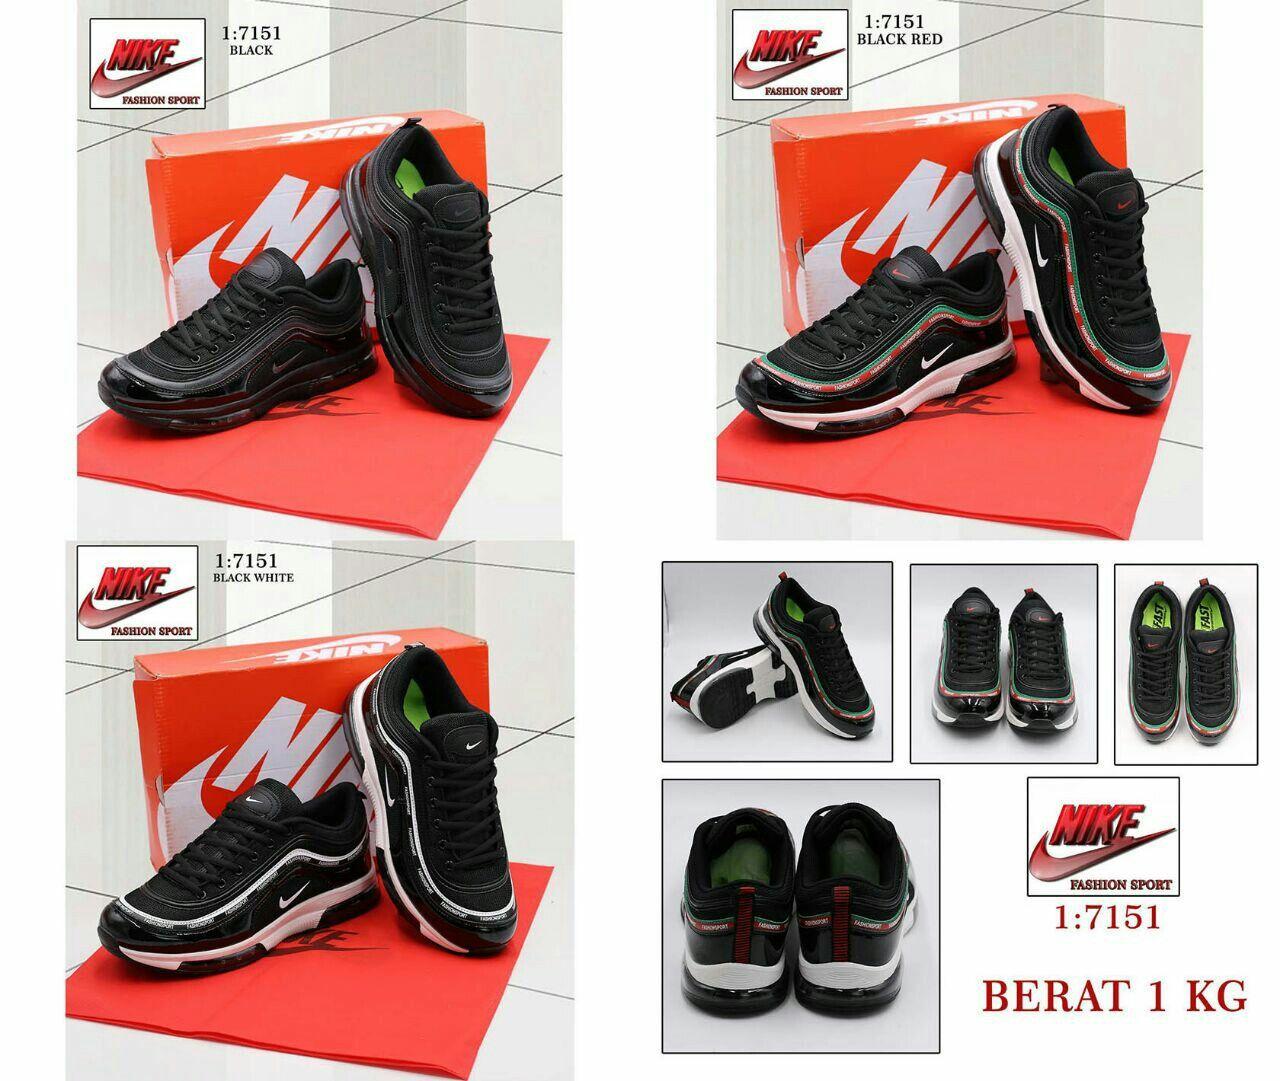 Sepatu Fashion Sport Merek Nike Seri 7151 Kualitas Semprem Warna